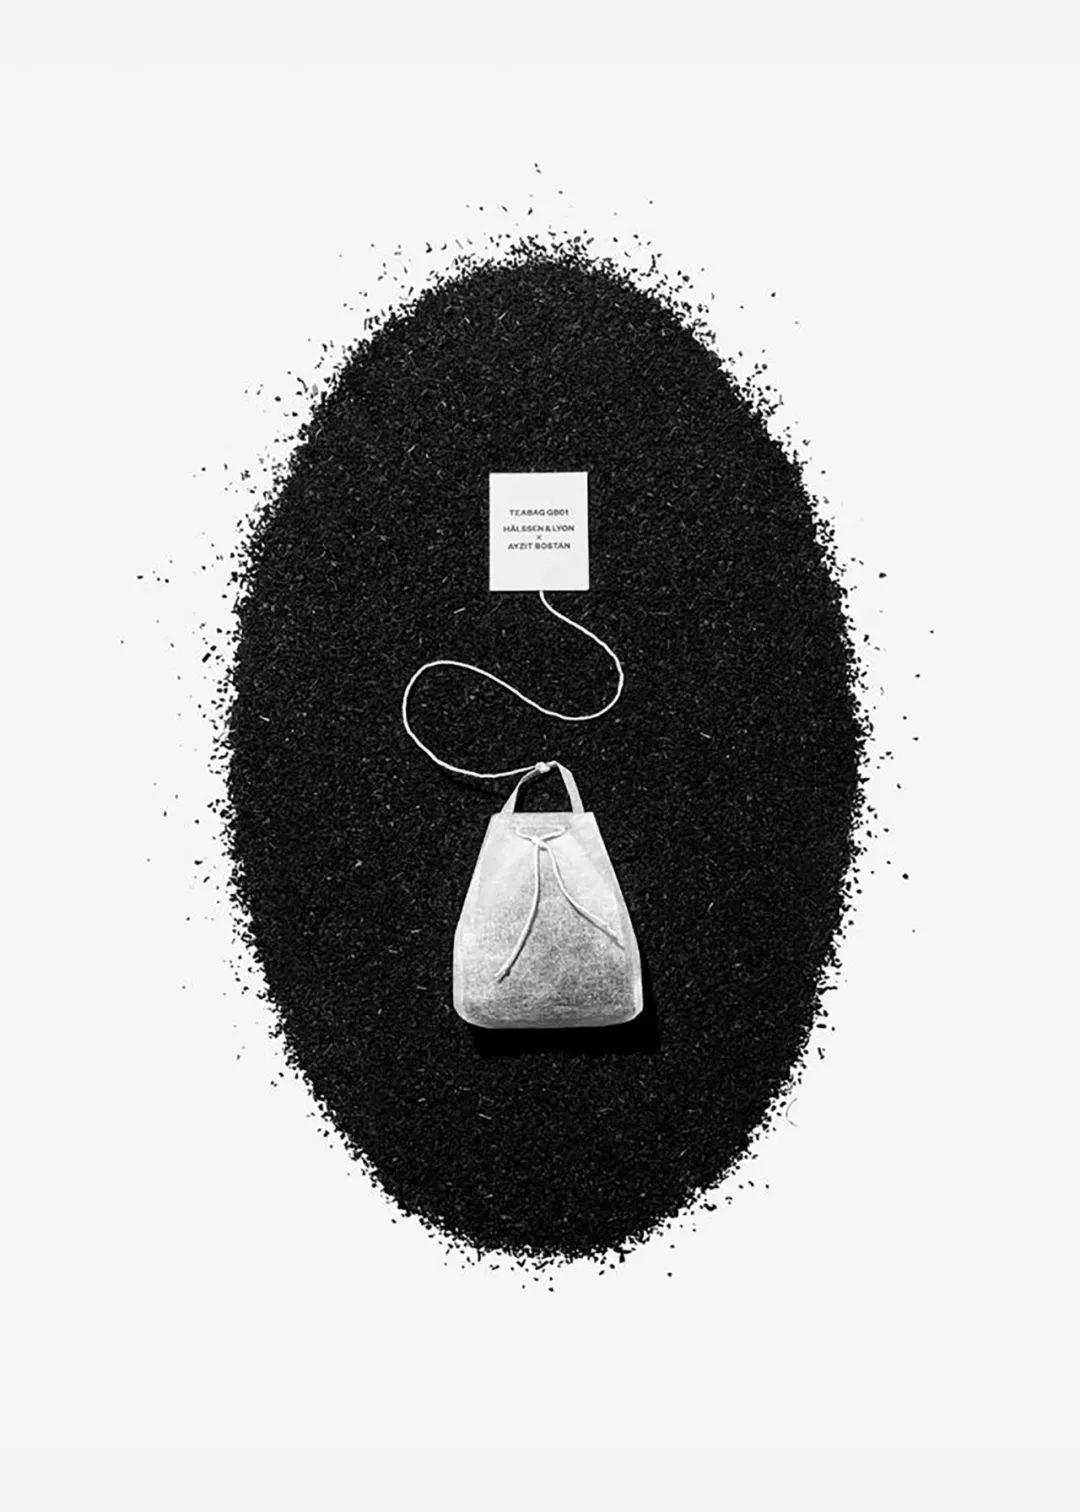 看起来像名牌手提包的茶包设计 - 后花园网文 - 精彩图片